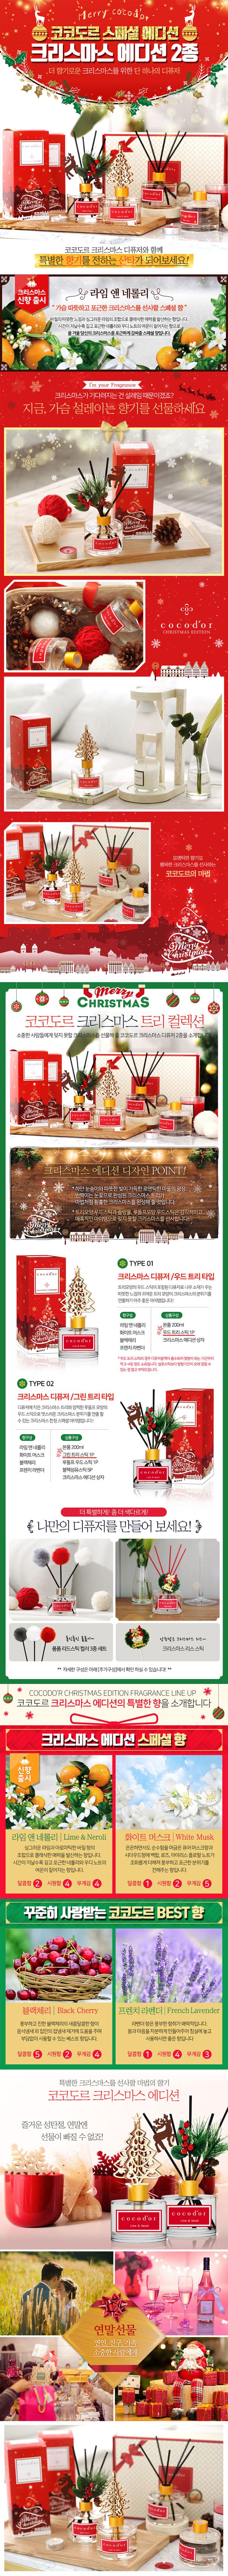 聖誕禮物推薦香水擴香瓶聖誕限定擴香瓶禮盒,可以突顯你送禮的細心!擺在家中、辦公桌上不僅賞心悅目,淡淡的香氣幽雅又能帶來好心情喔!香水就在擴香瓶推薦擴香瓶